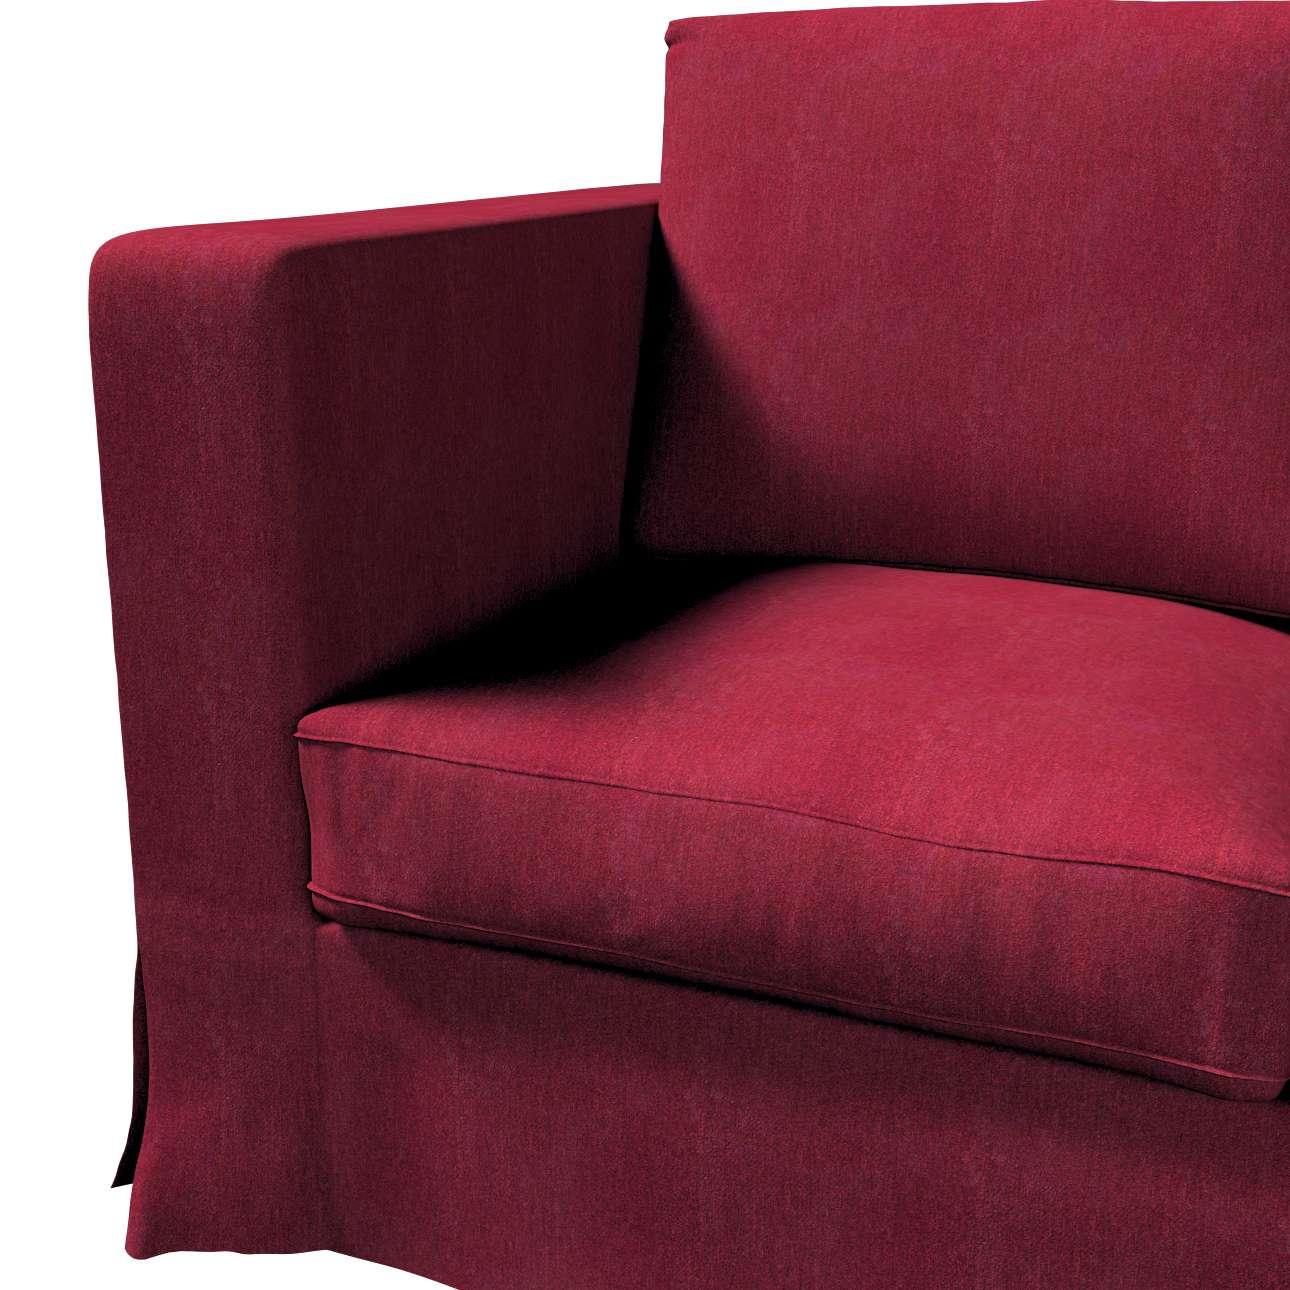 Pokrowiec na sofę Karlanda 3-osobową nierozkładaną, długi w kolekcji Chenille, tkanina: 702-19